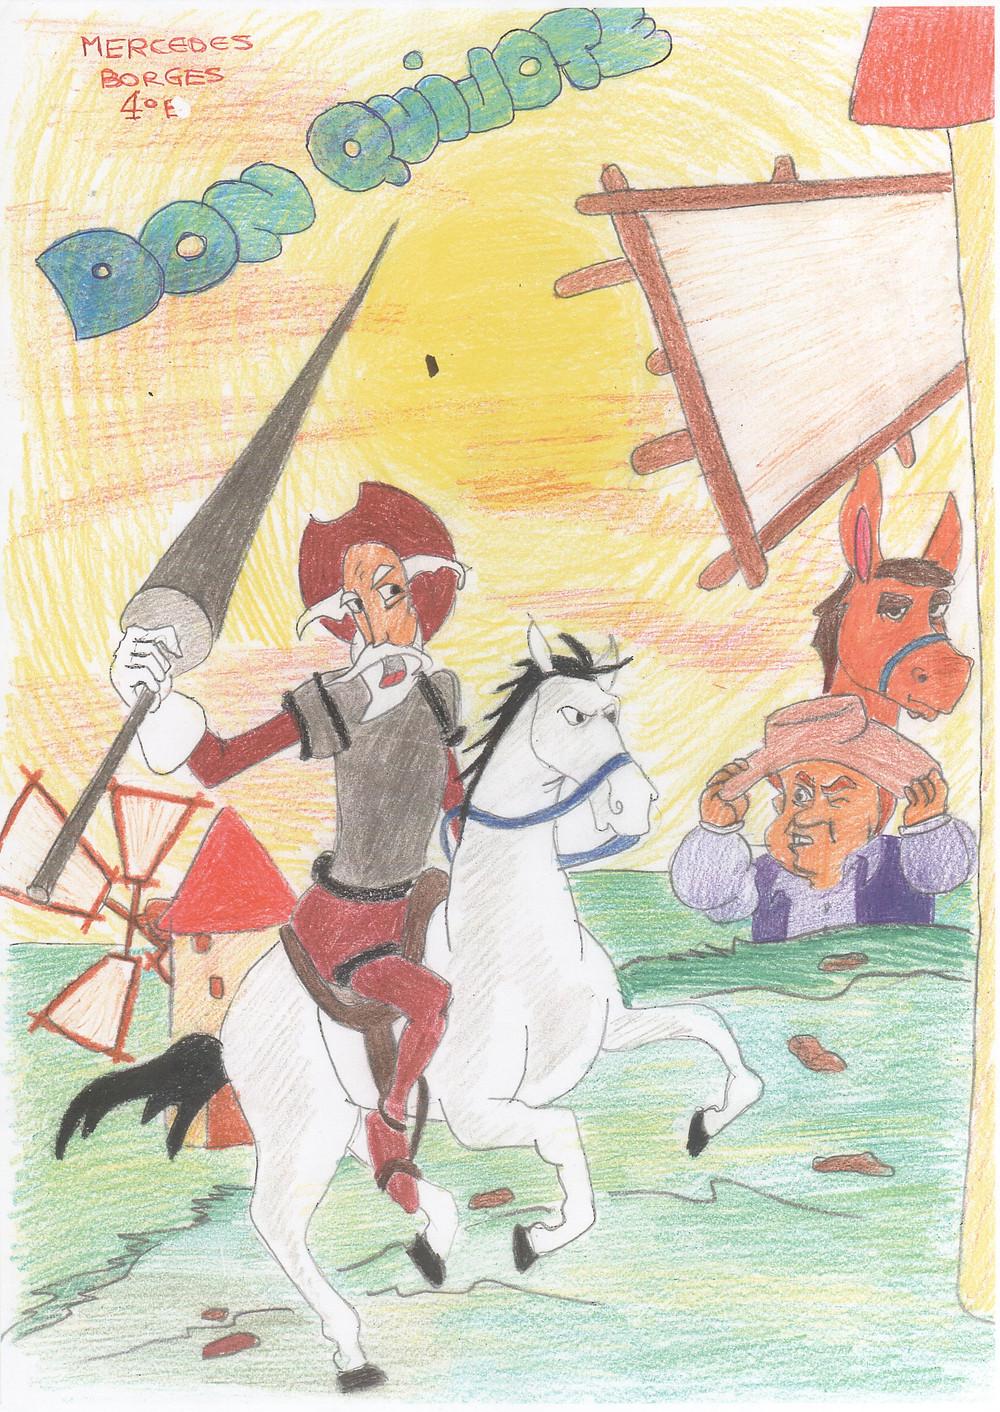 Dibujo original de MERCEDES BORGES.